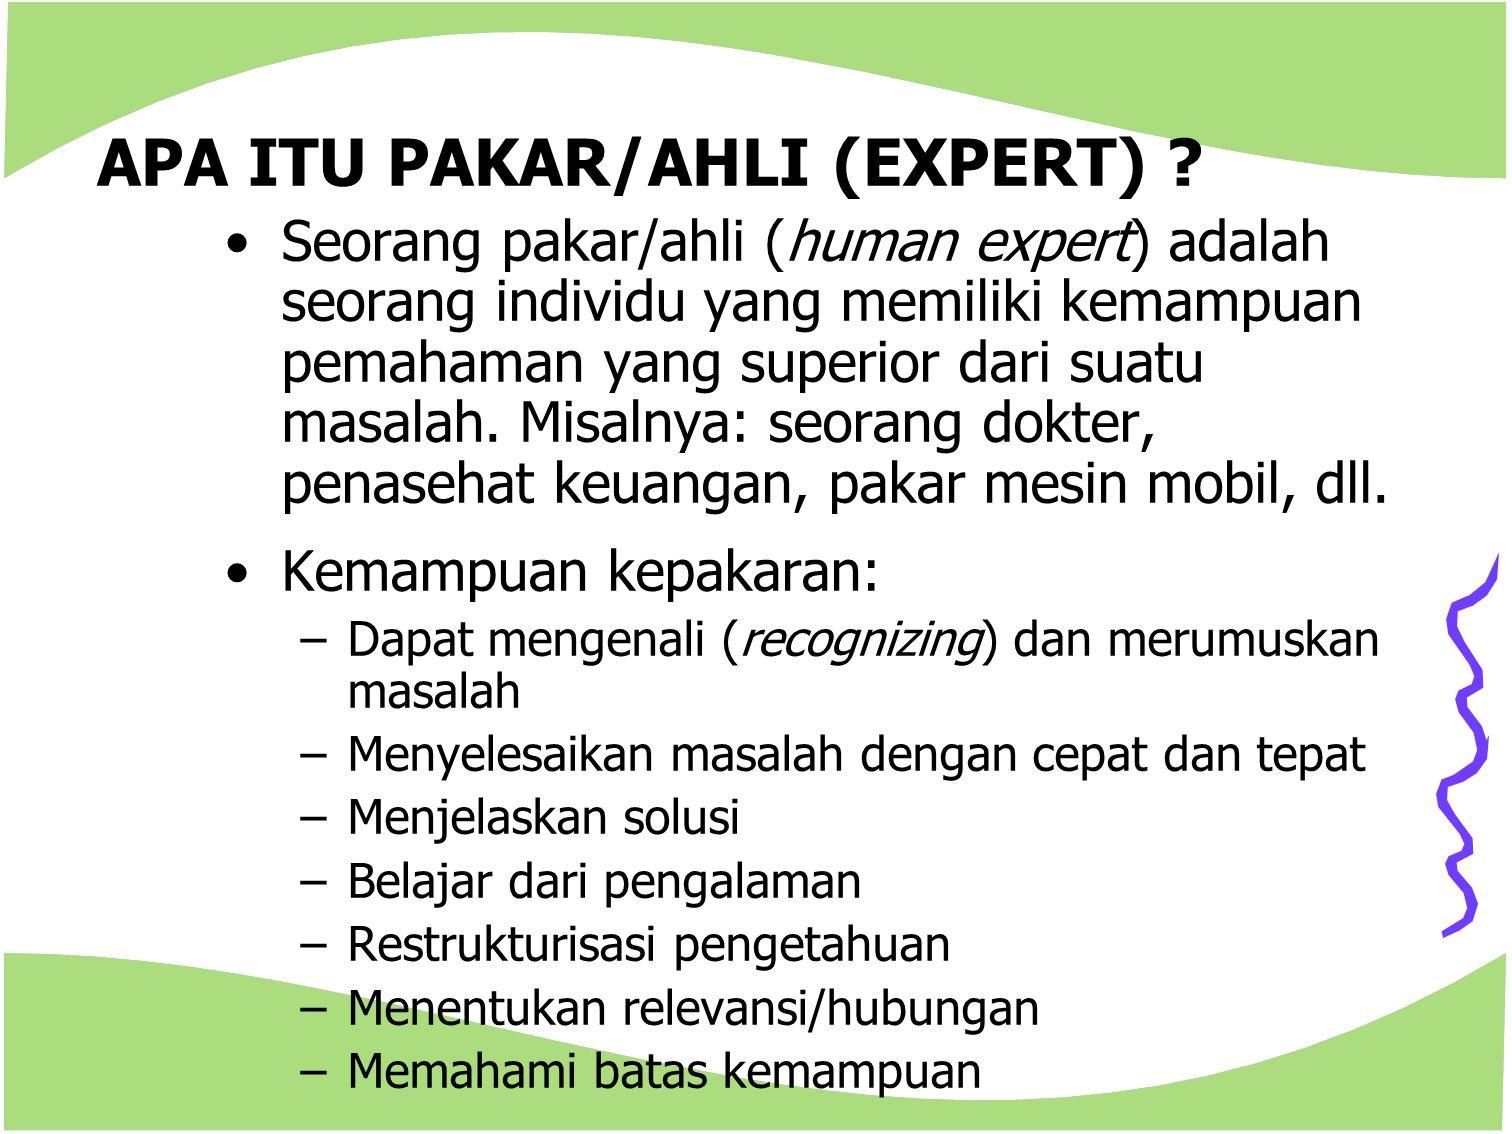 APA ITU PAKAR/AHLI (EXPERT) ? Seorang pakar/ahli (human expert) adalah seorang individu yang memiliki kemampuan pemahaman yang superior dari suatu mas